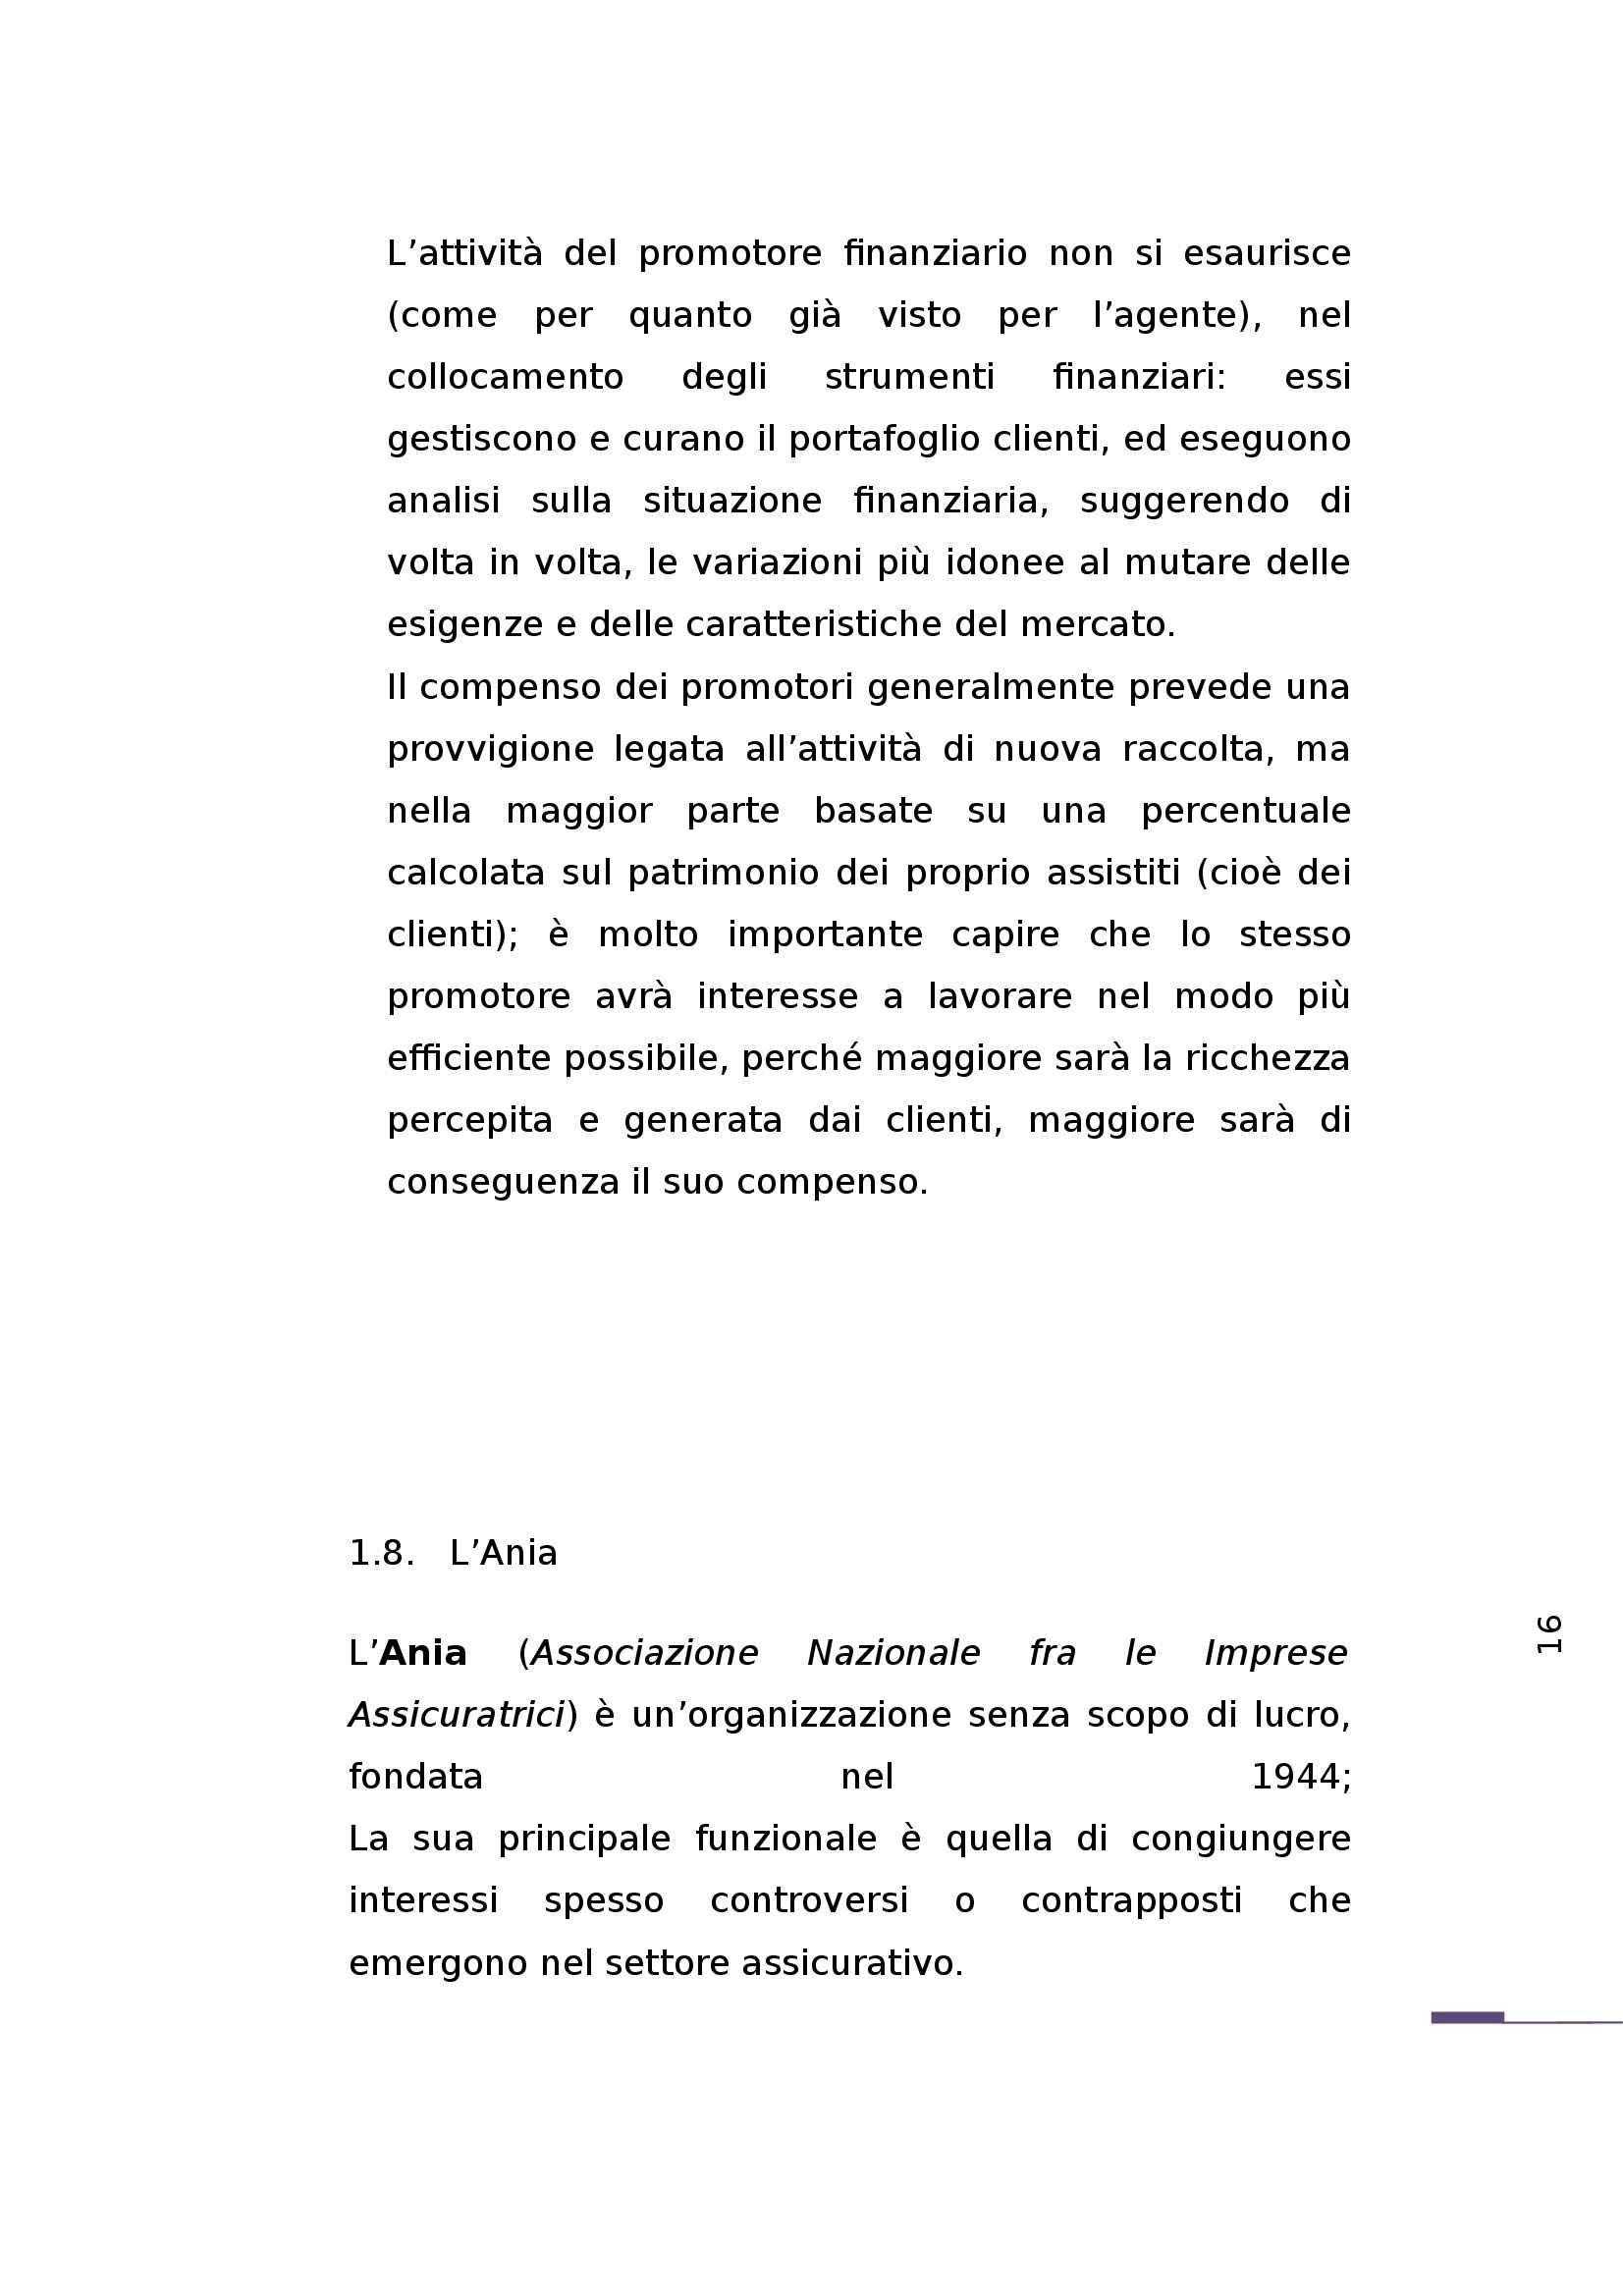 Tesi - Evoluzione del settore assicurativo: sintesi delle strategie di Marketing Mix, Forex e Trading nella società del rischio Pag. 41